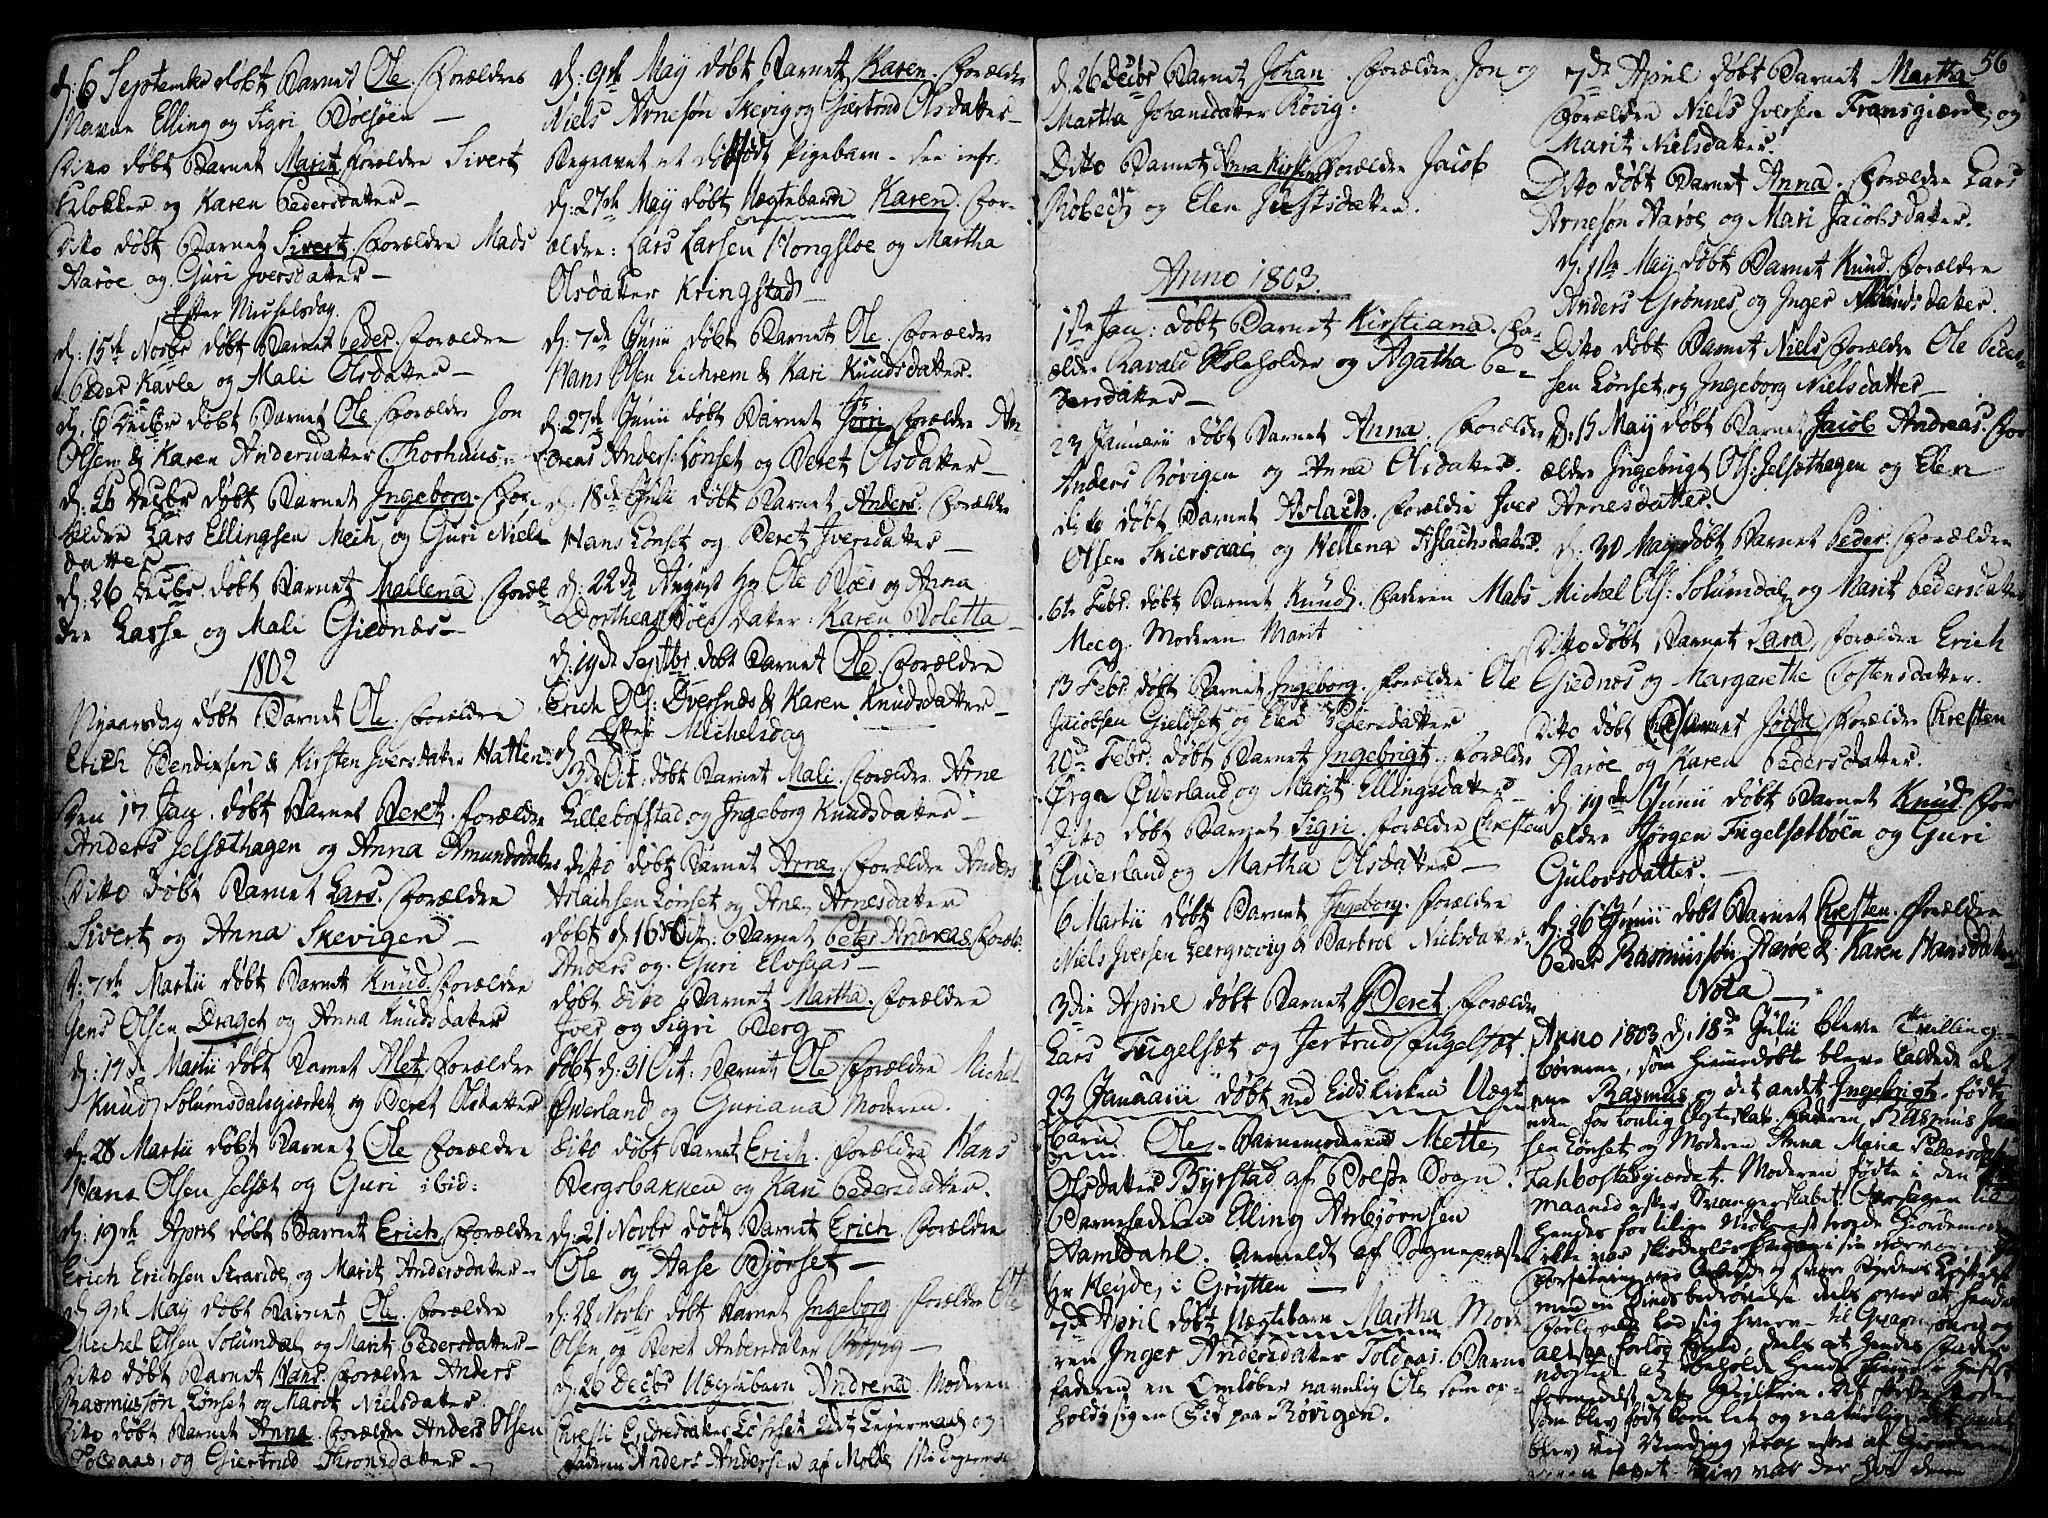 SAT, Ministerialprotokoller, klokkerbøker og fødselsregistre - Møre og Romsdal, 555/L0649: Ministerialbok nr. 555A02 /1, 1795-1821, s. 56